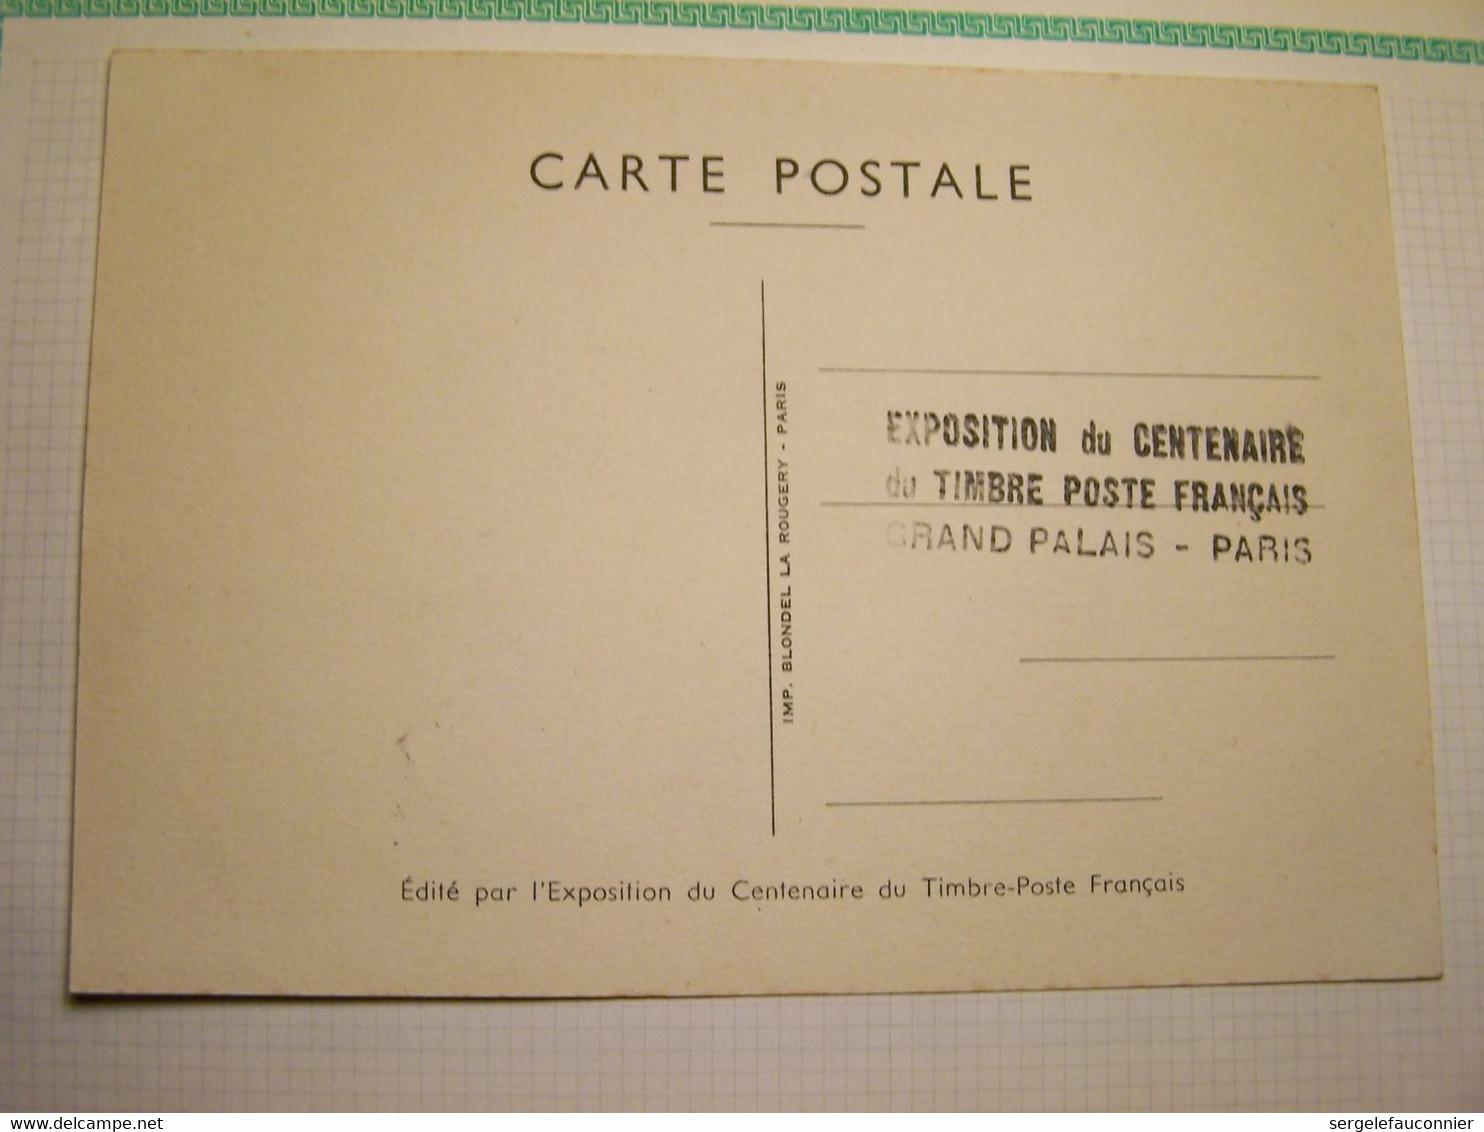 FRANCE 1949 CENTENAIRE DU TIMBRE-POSTE FRANCAIS - Usati